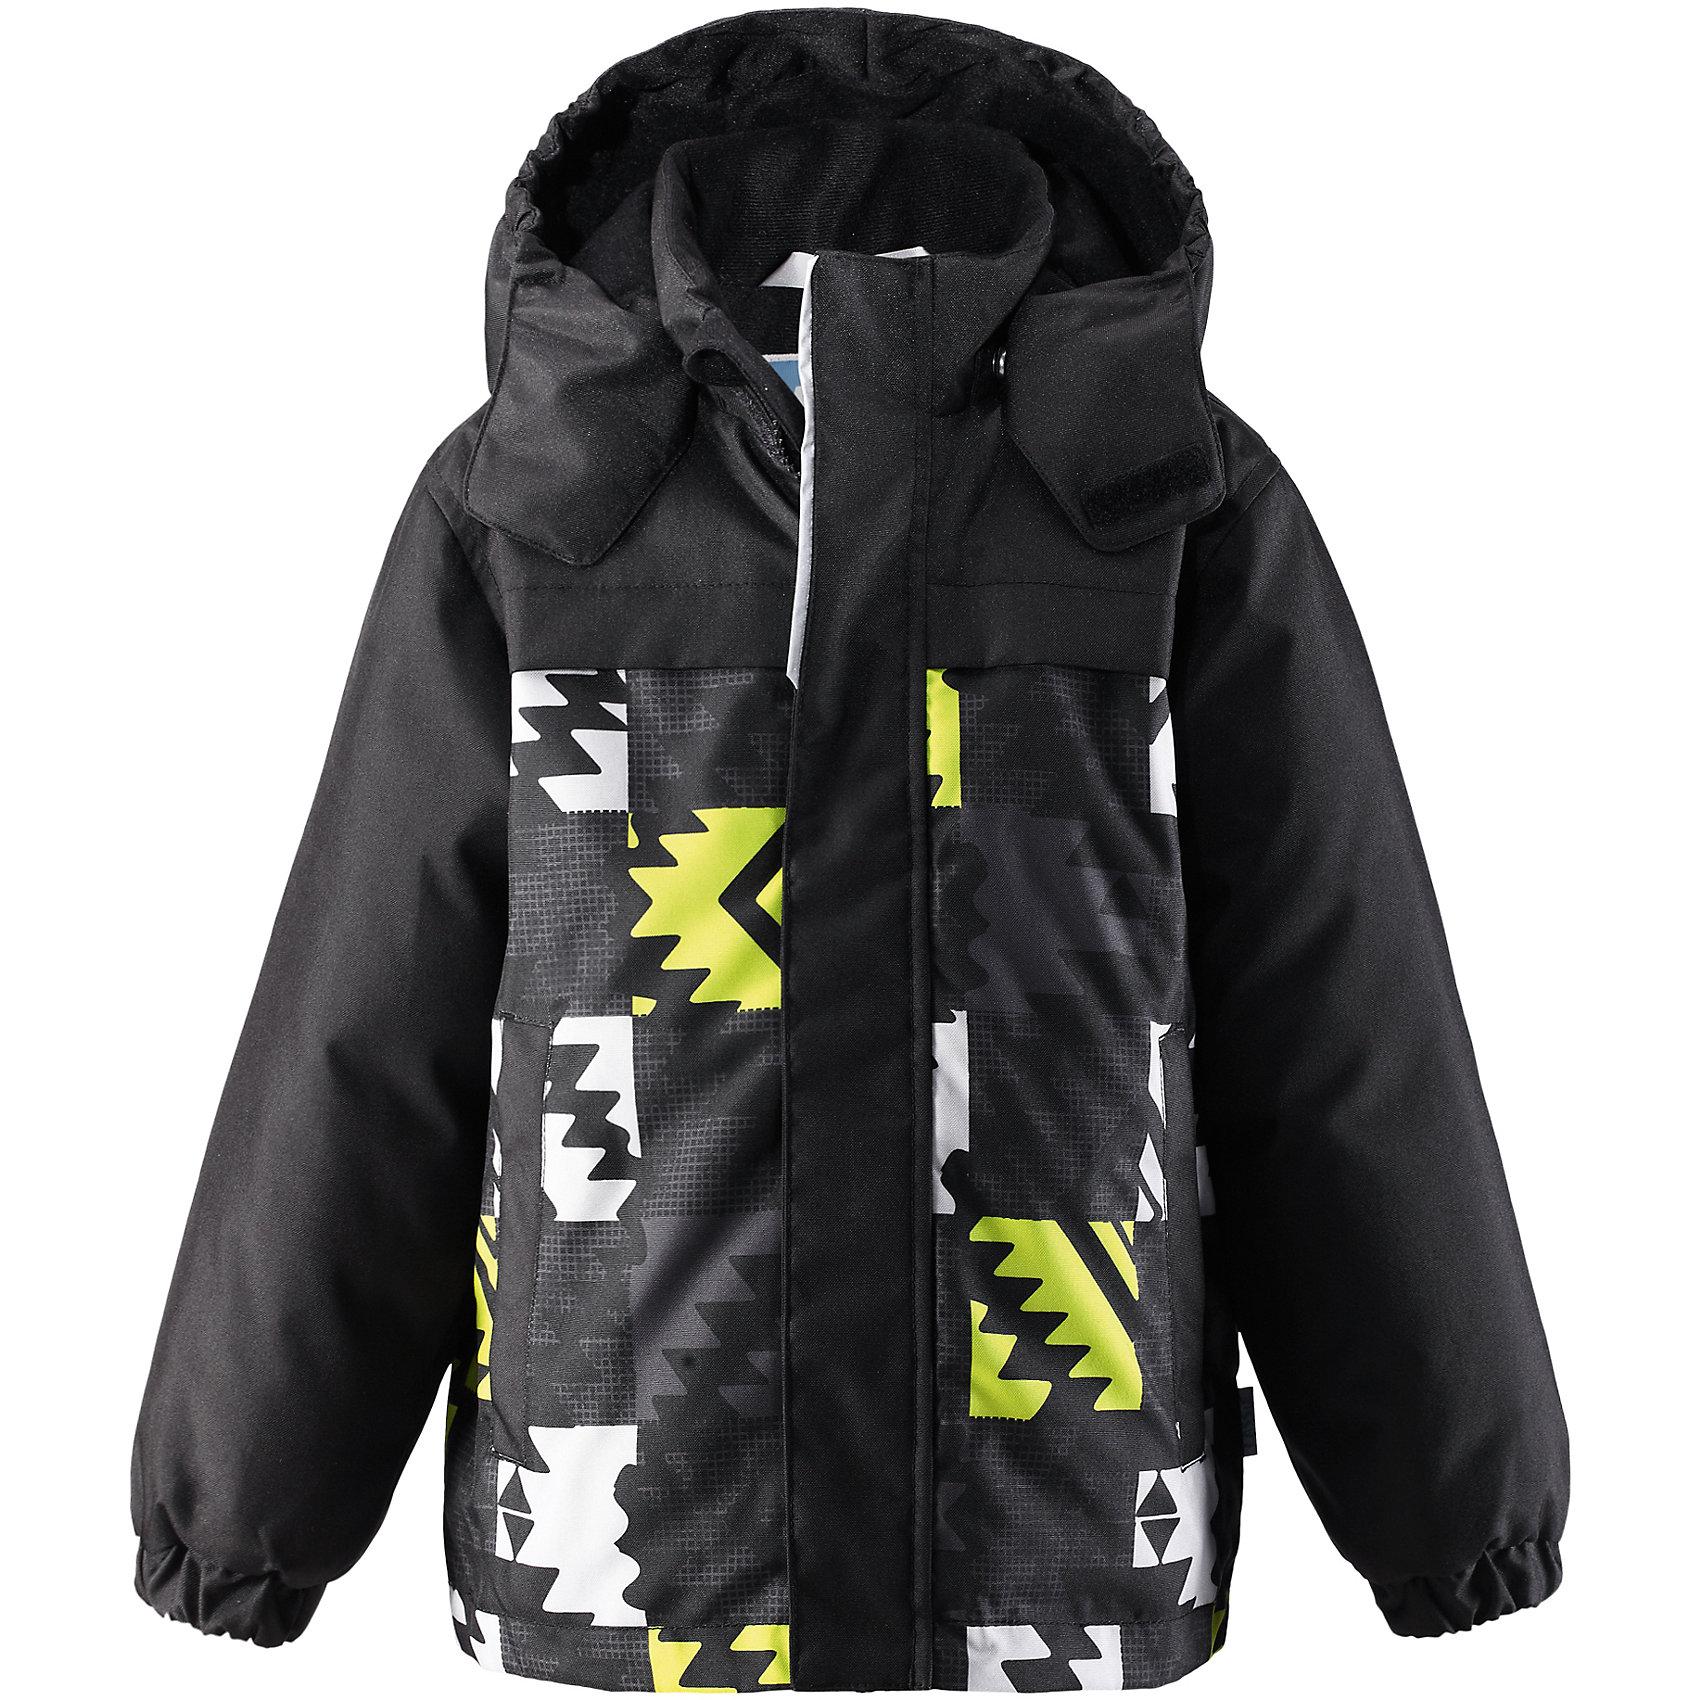 Куртка для мальчика LASSIEОдежда<br>Зимняя куртка для детей звестной финской марки.<br><br>- Прочный материал. Водоотталкивающий, ветронепроницаемый, «дышащий» и грязеотталкивающий материал.<br>- Гладкая подкладка из полиэстра. <br>- Средняя степень утепления<br>- Безопасный, съемный капюшон. <br>- Эластичные манжеты. <br>- Регулируемый подол. <br>- Два прорезных кармана.<br>-  Принт по всей поверхности.  <br><br>Рекомендации по уходу: Стирать по отдельности, вывернув наизнанку. Застегнуть молнии и липучки. Соблюдать температуру в соответствии с руководством по уходу. Стирать моющим средством, не содержащим отбеливающие вещества. Полоскать без специального средства. Сушение в сушильном шкафу разрешено при  низкой температуре.<br><br>Состав: 100% Полиамид, полиуретановое покрытие, 100% Полиамид, полиуретановое покрытие.  Утеплитель «Lassie wadding» 180гр.<br><br>Ширина мм: 356<br>Глубина мм: 10<br>Высота мм: 245<br>Вес г: 519<br>Цвет: черный<br>Возраст от месяцев: 36<br>Возраст до месяцев: 48<br>Пол: Мужской<br>Возраст: Детский<br>Размер: 104,110,116,122,128,134,140,92,98<br>SKU: 4782408